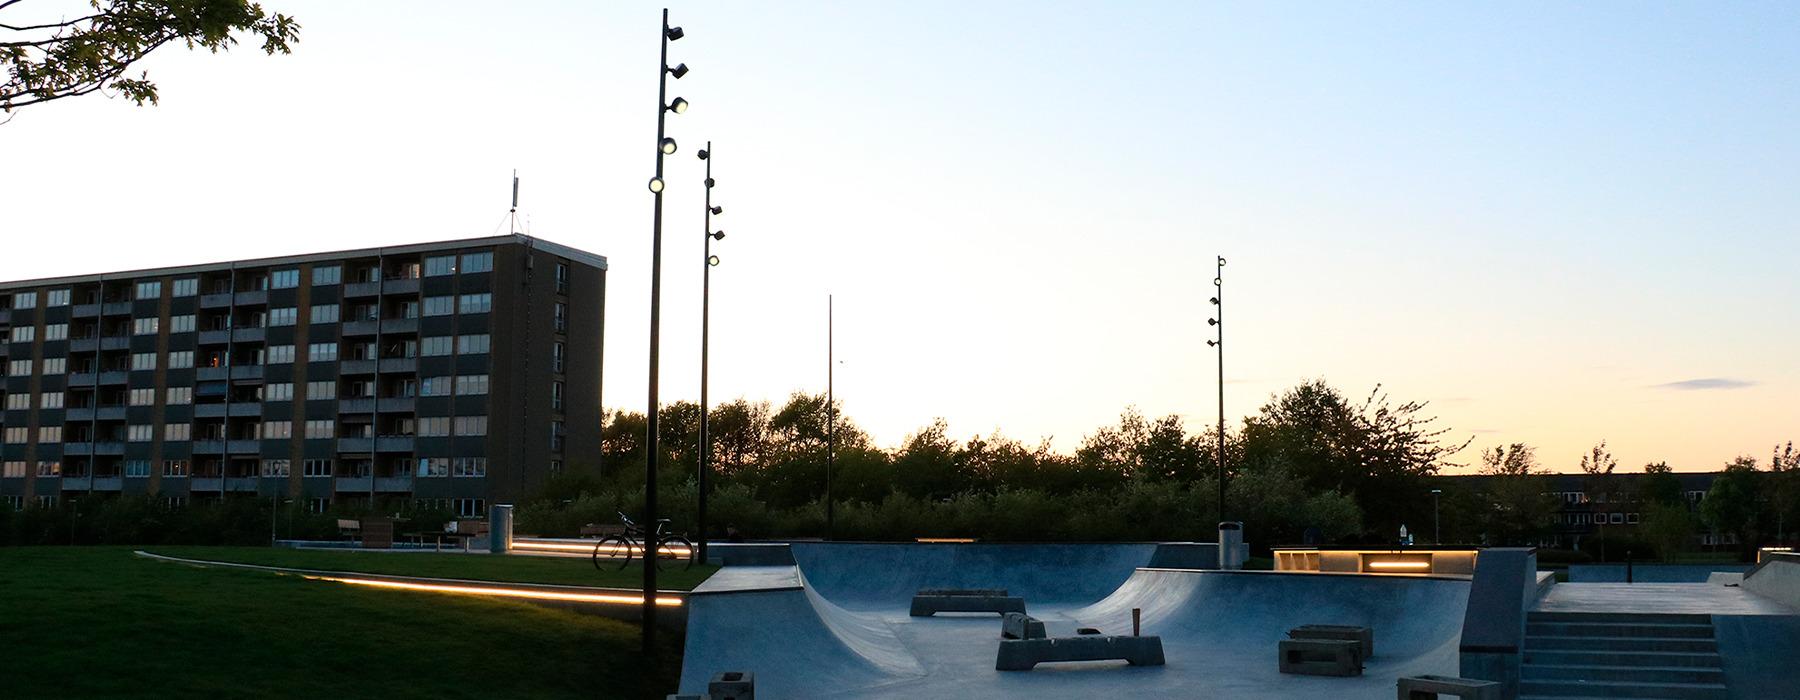 Skatepark Tårnby